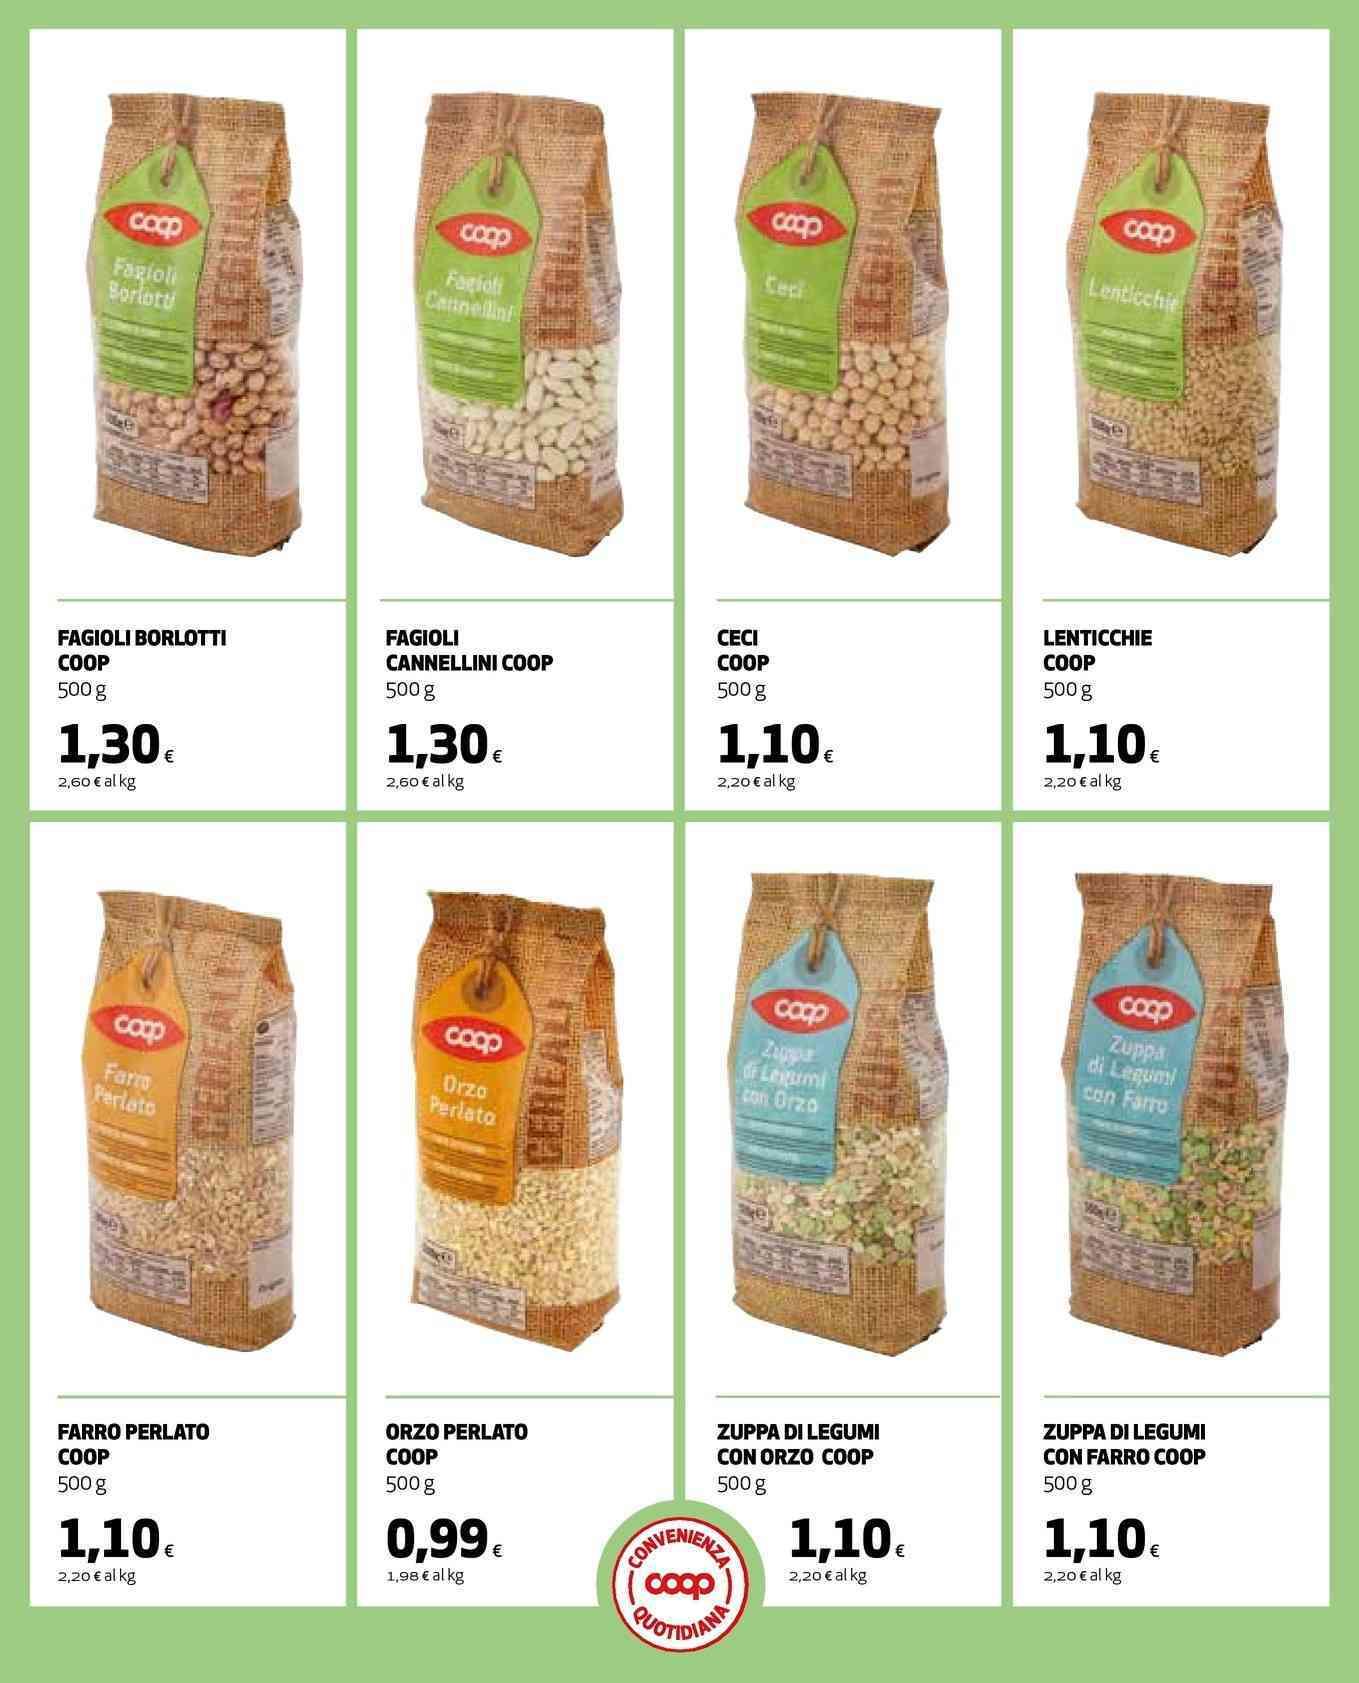 Offerte Cannelloni nel volantino di iper supermercati - PromoQui